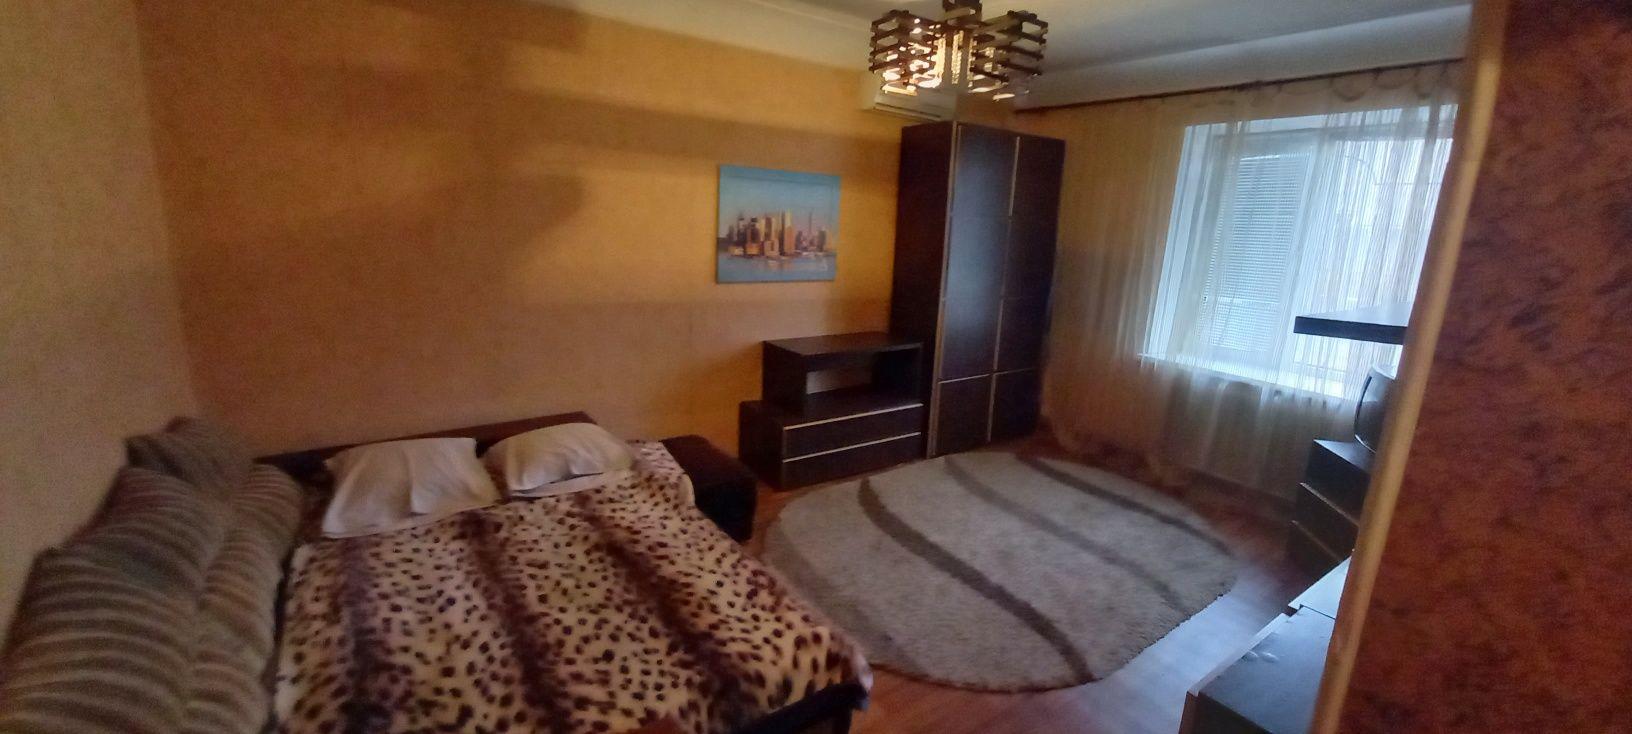 Квартира посуточно Дзержинка